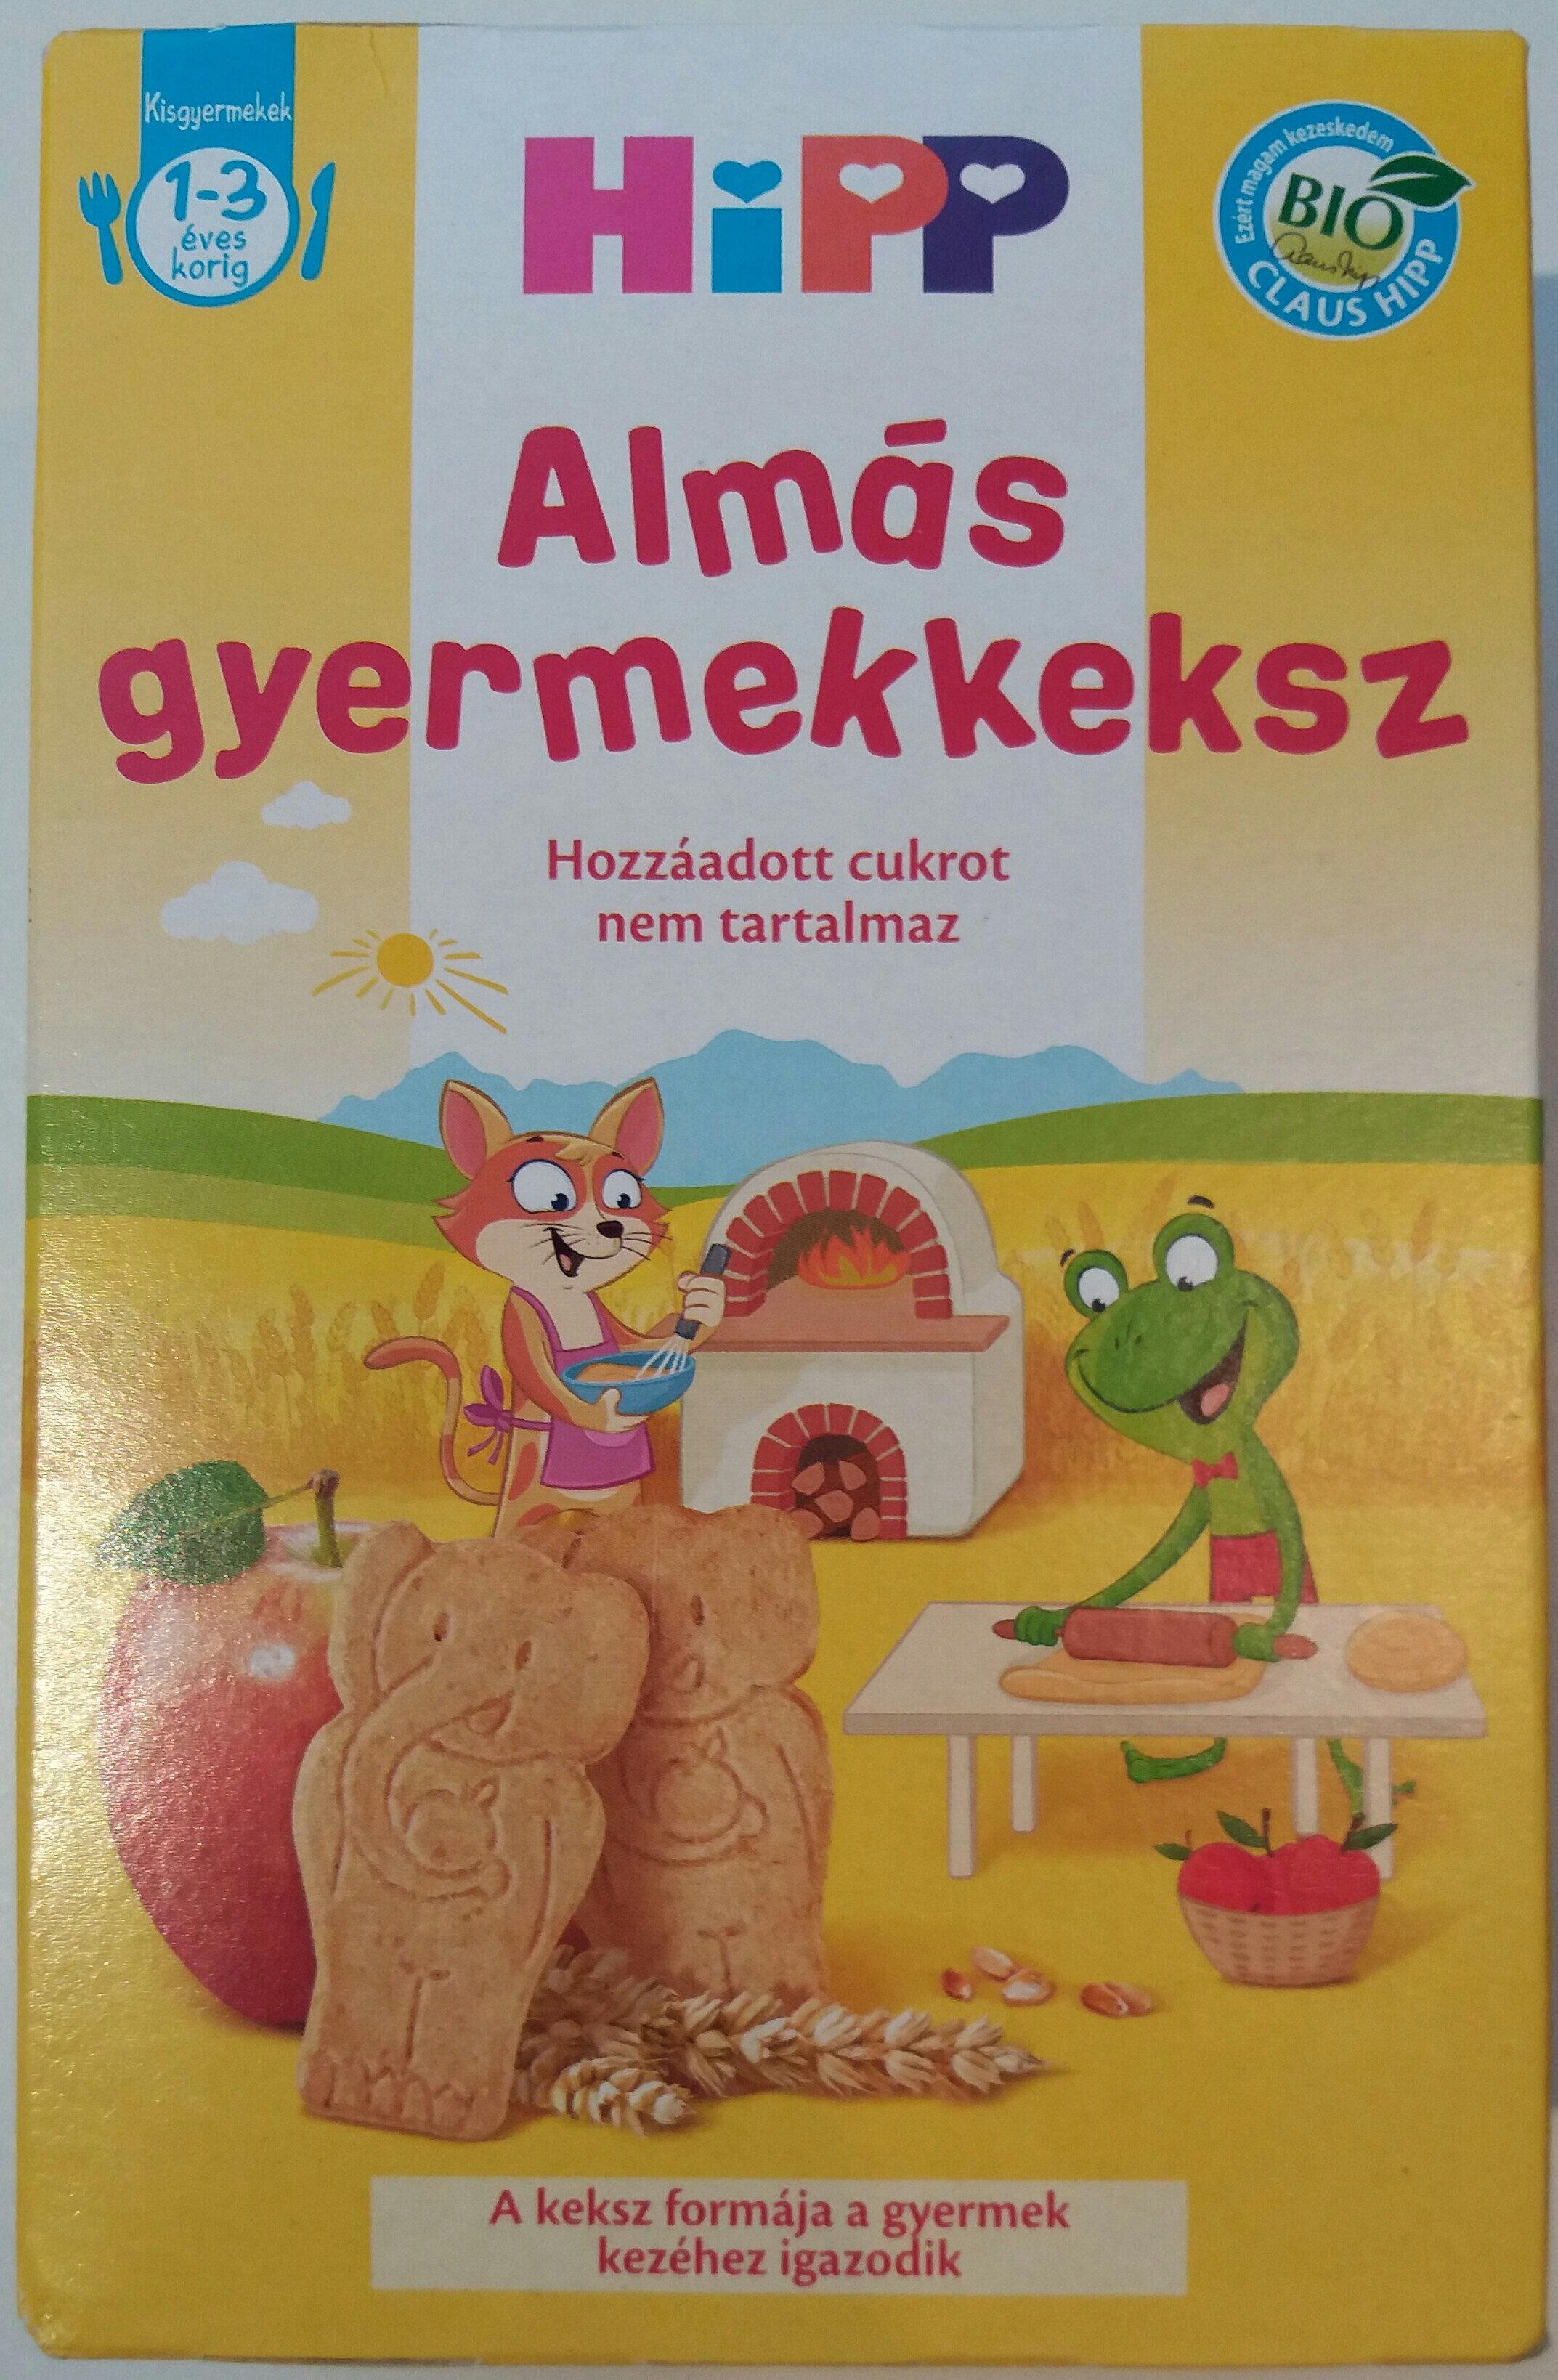 Almás gyermekkeksz - Product - hu